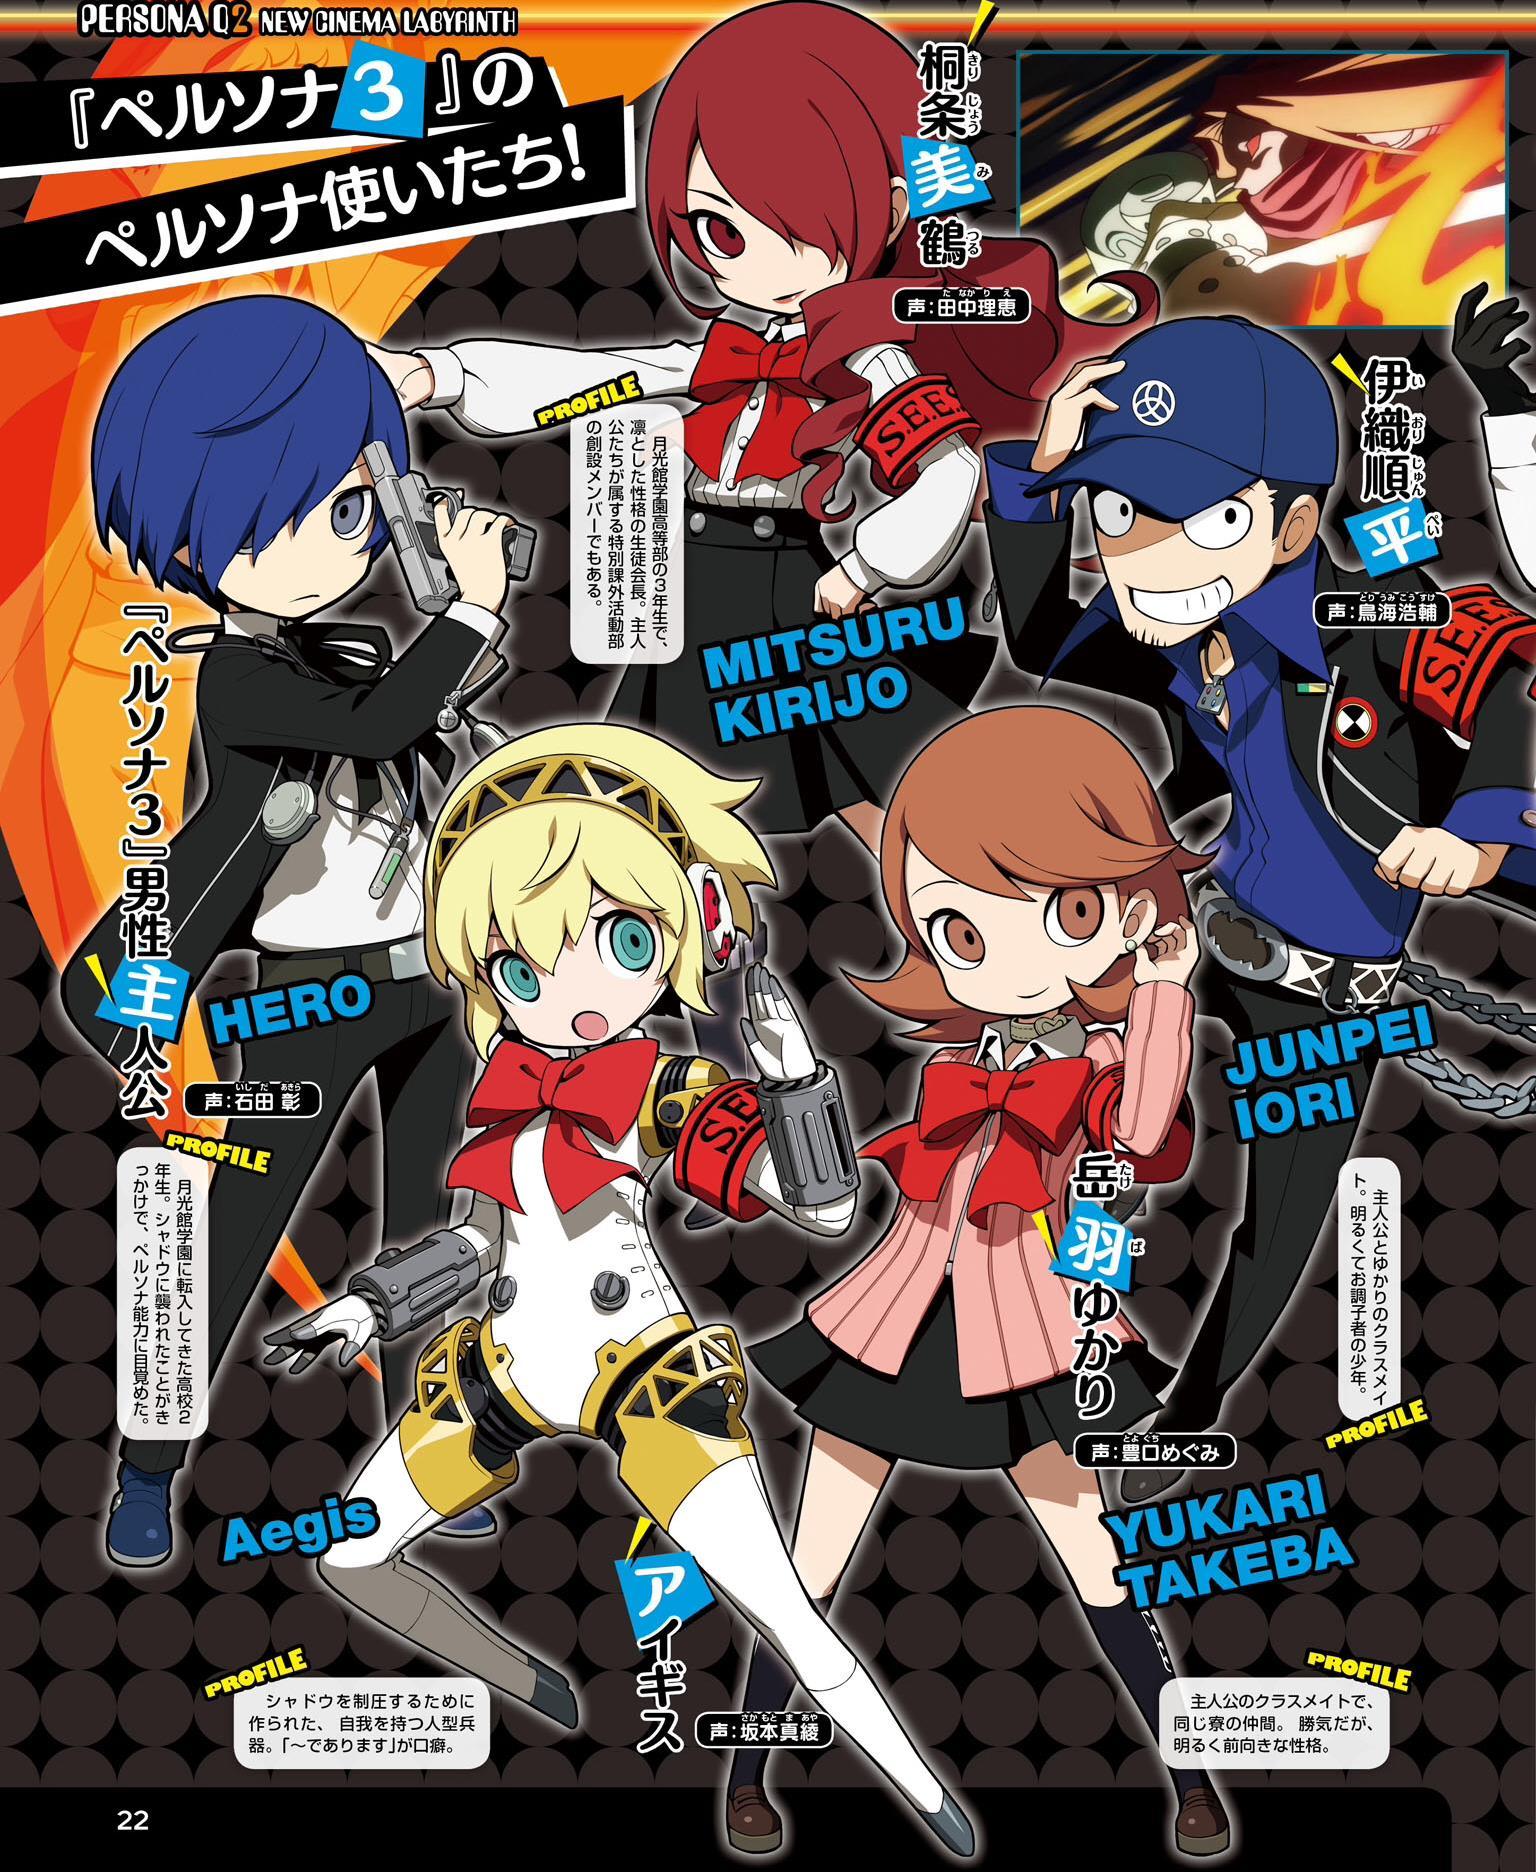 Scans roundup - Persona Q2, Warriors Orochi 4, Work x Work